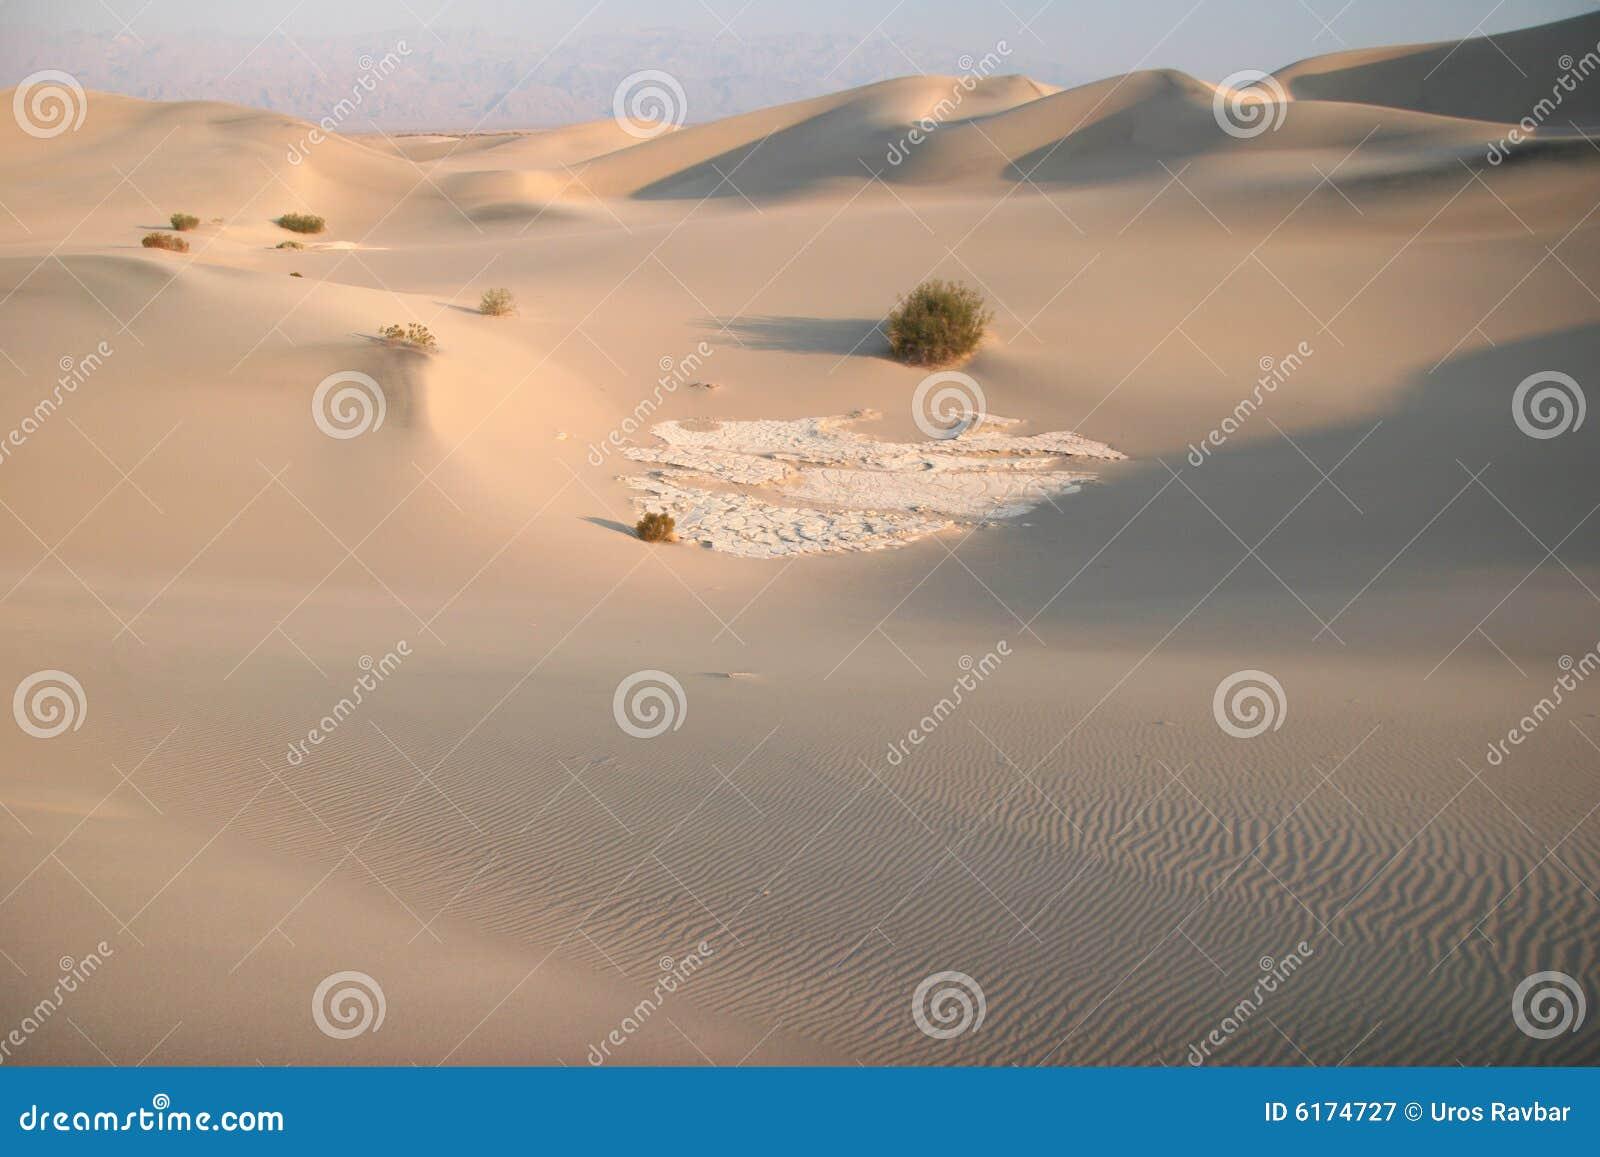 Shrubs in sand dunes